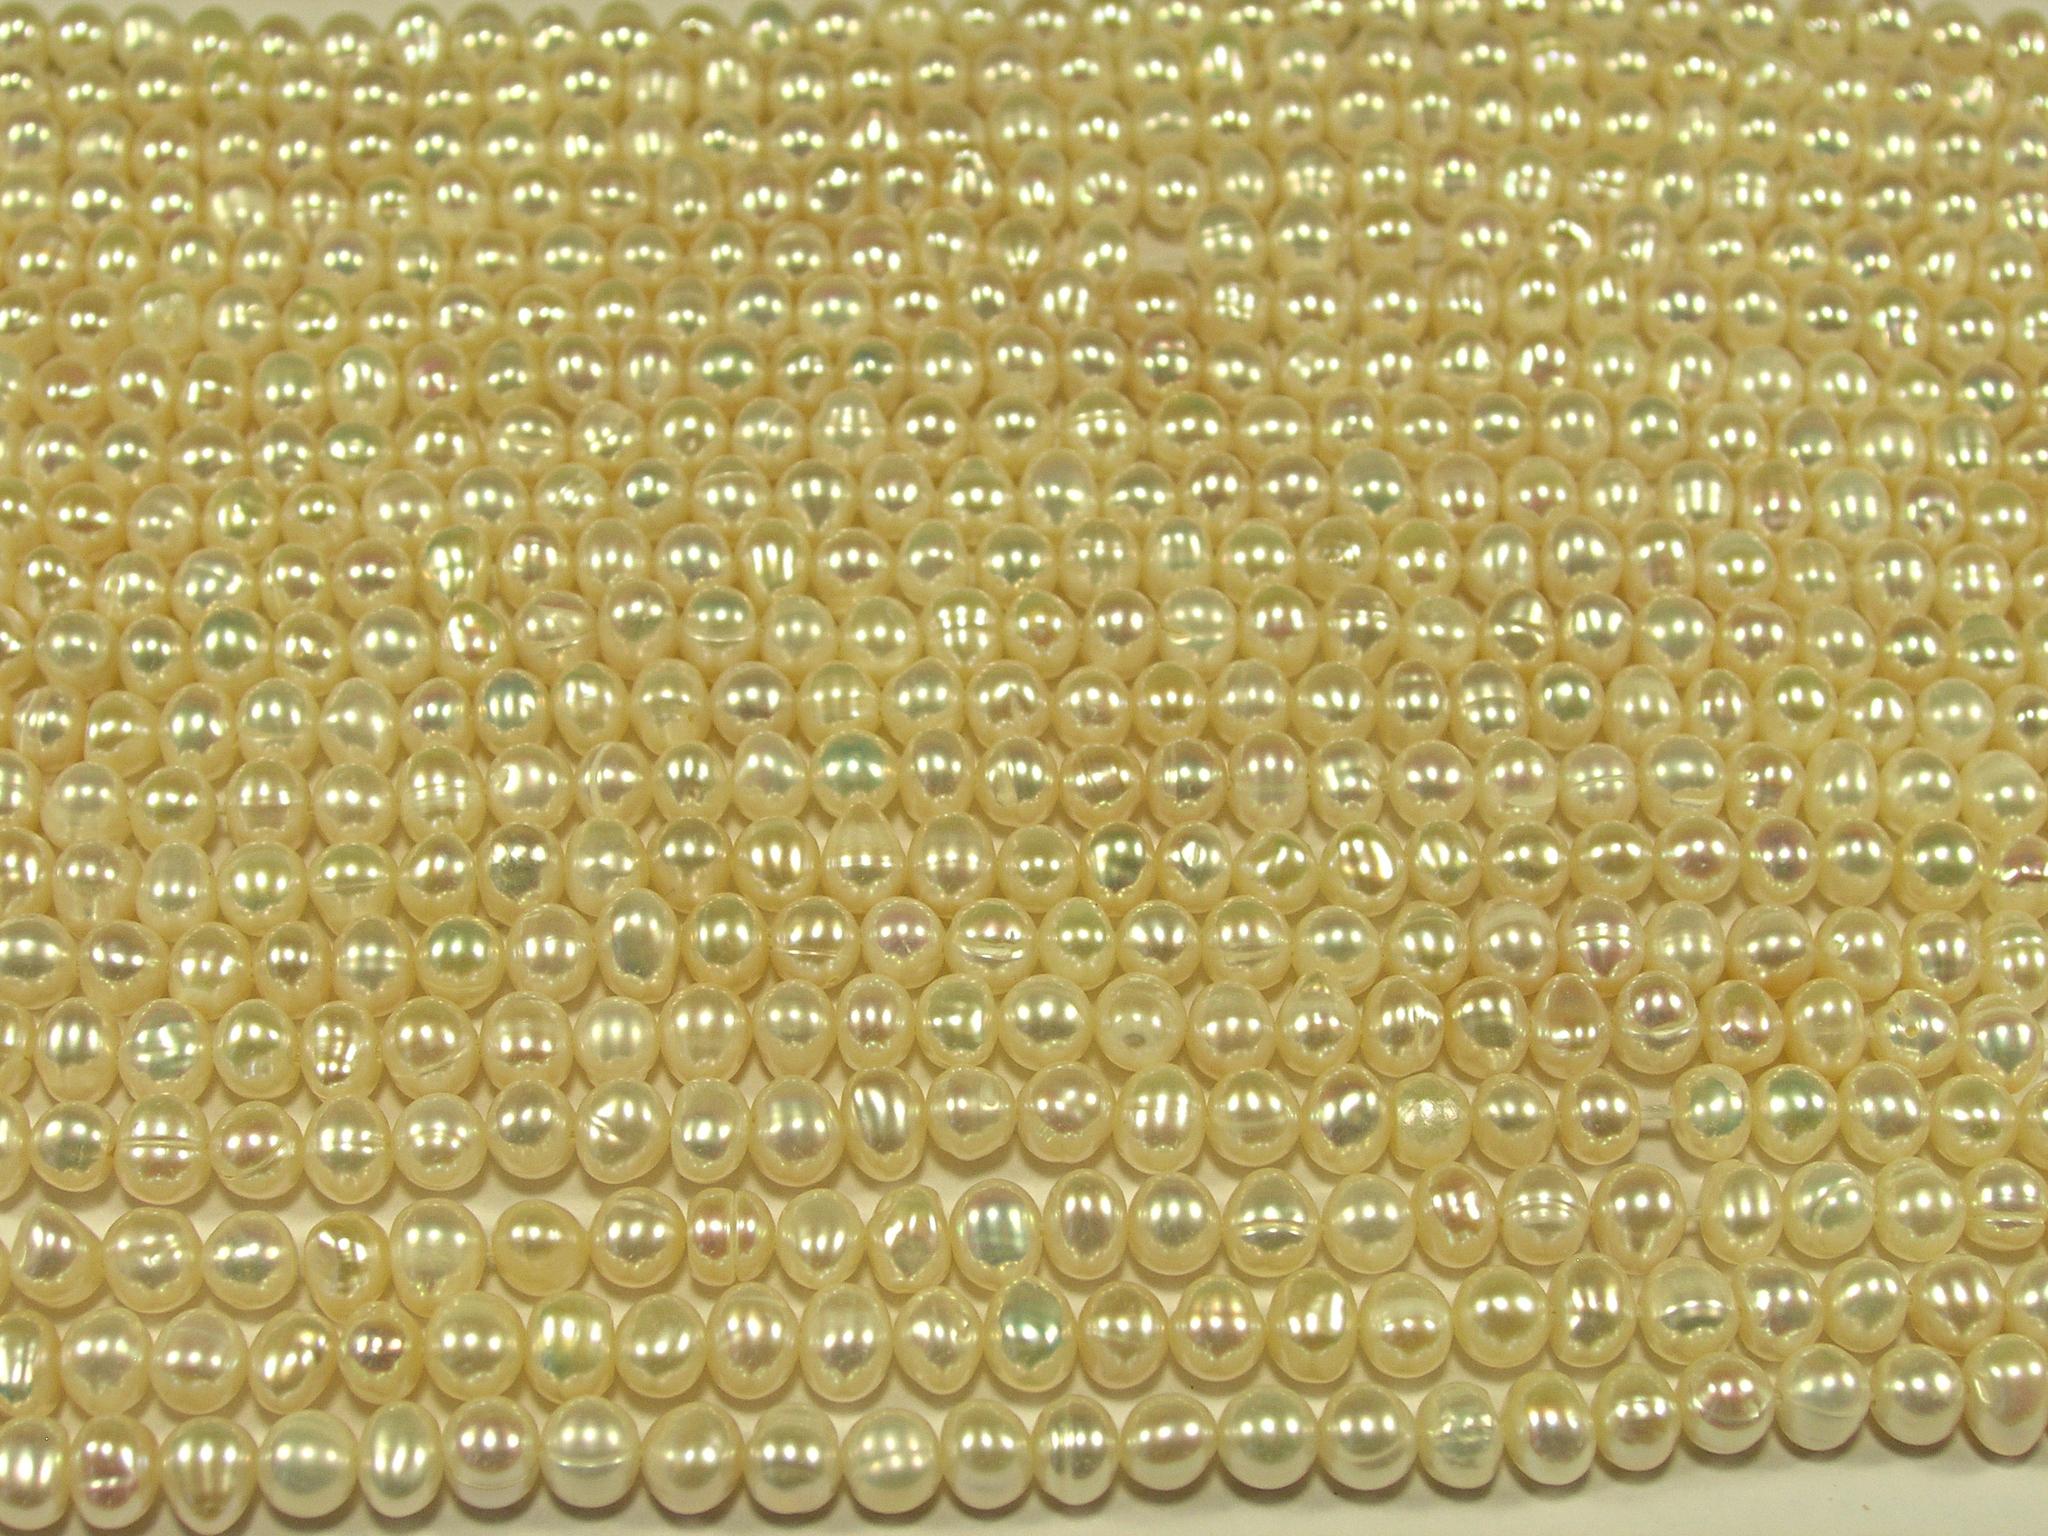 Нити бусин из жемчуга пресноводного культивированного, шар гладкий 4-5 мм (оптом)